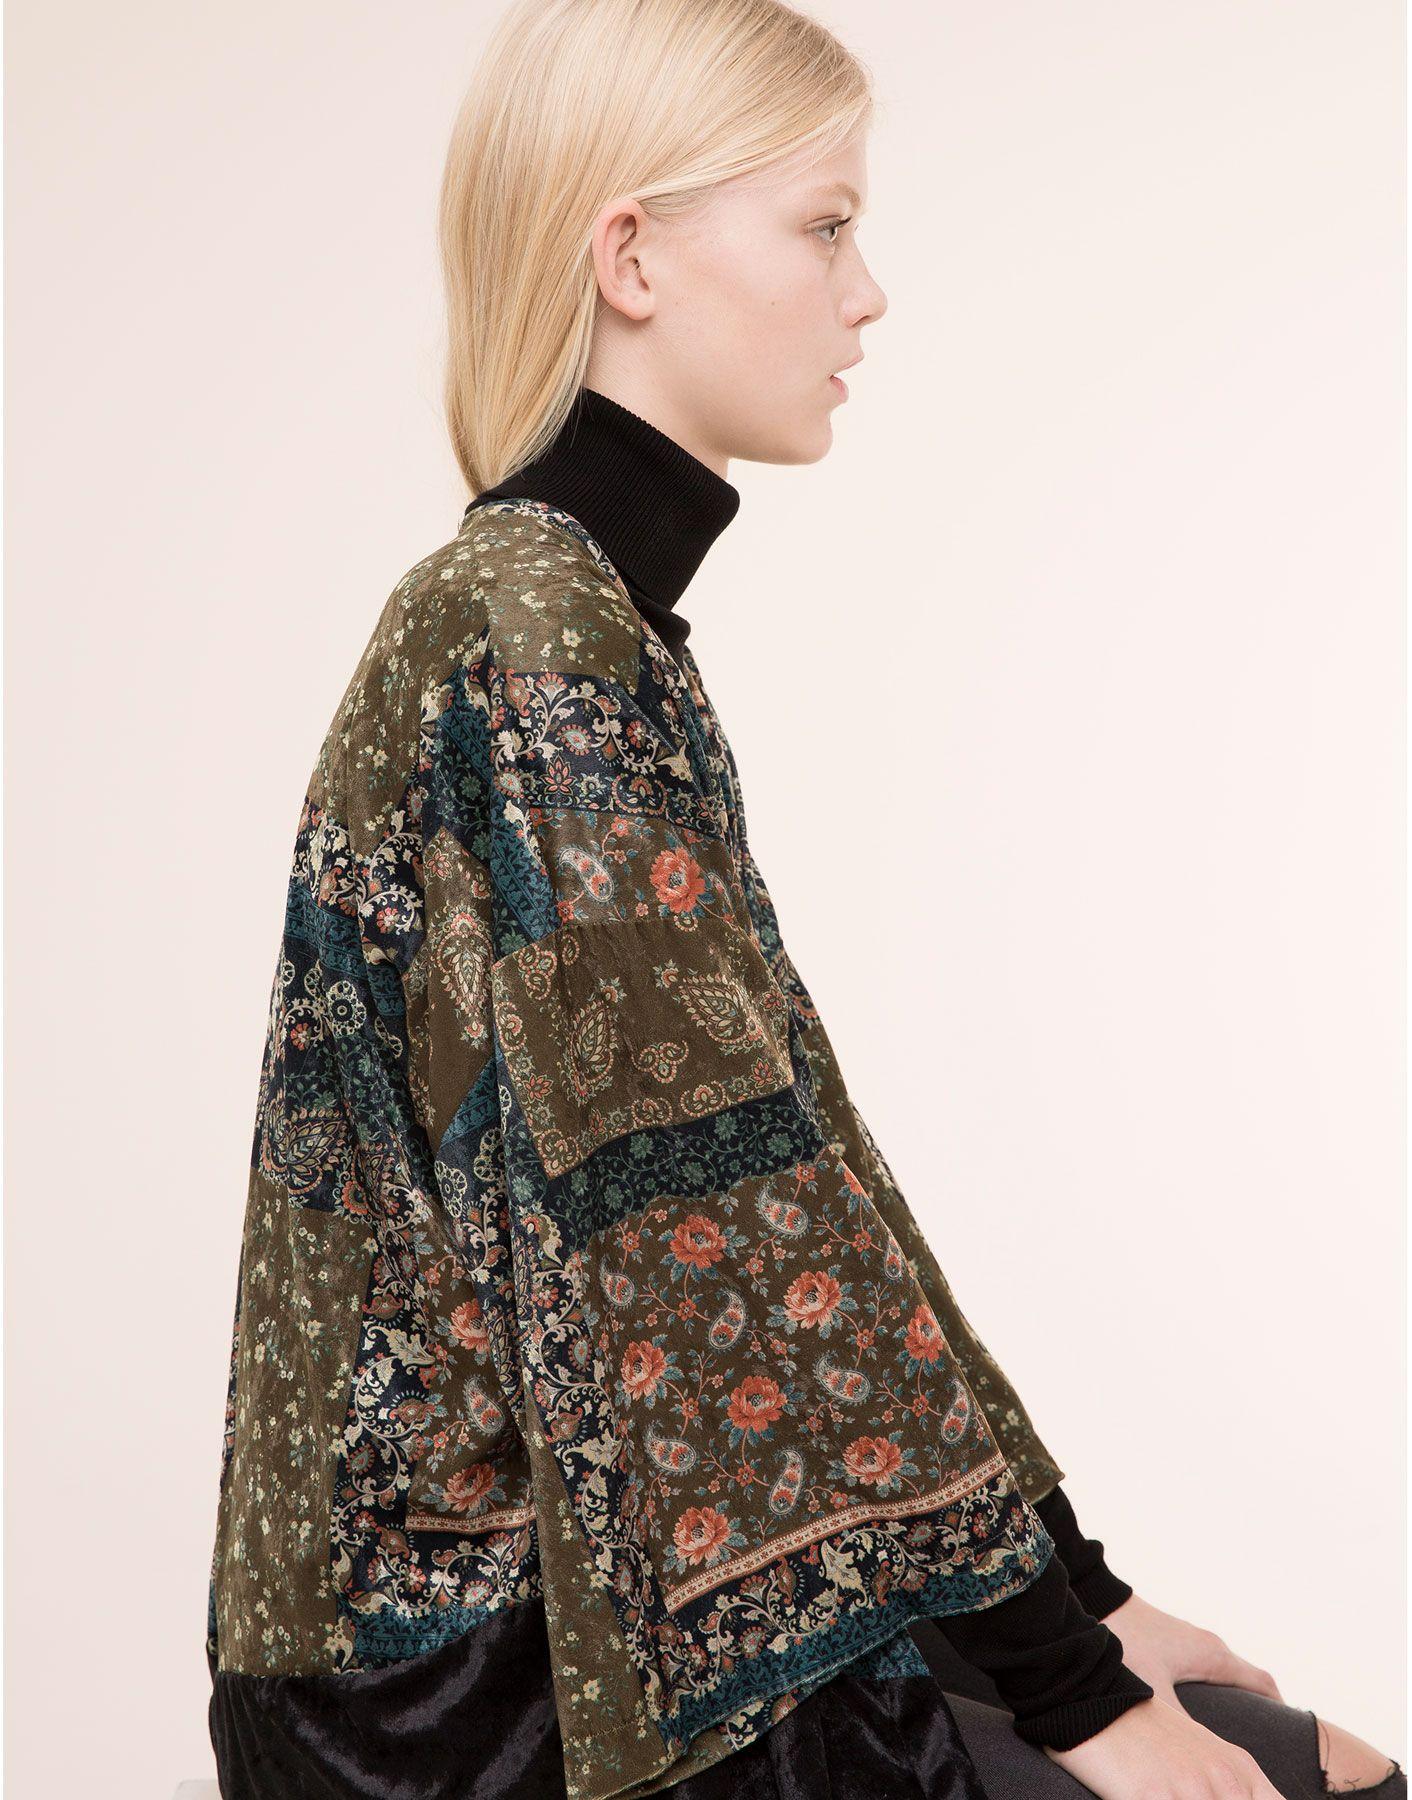 Y Kimono Ponchos Terciopelo Pull amp;bear Kimonos Chaqueta Mujer awqOgtaU